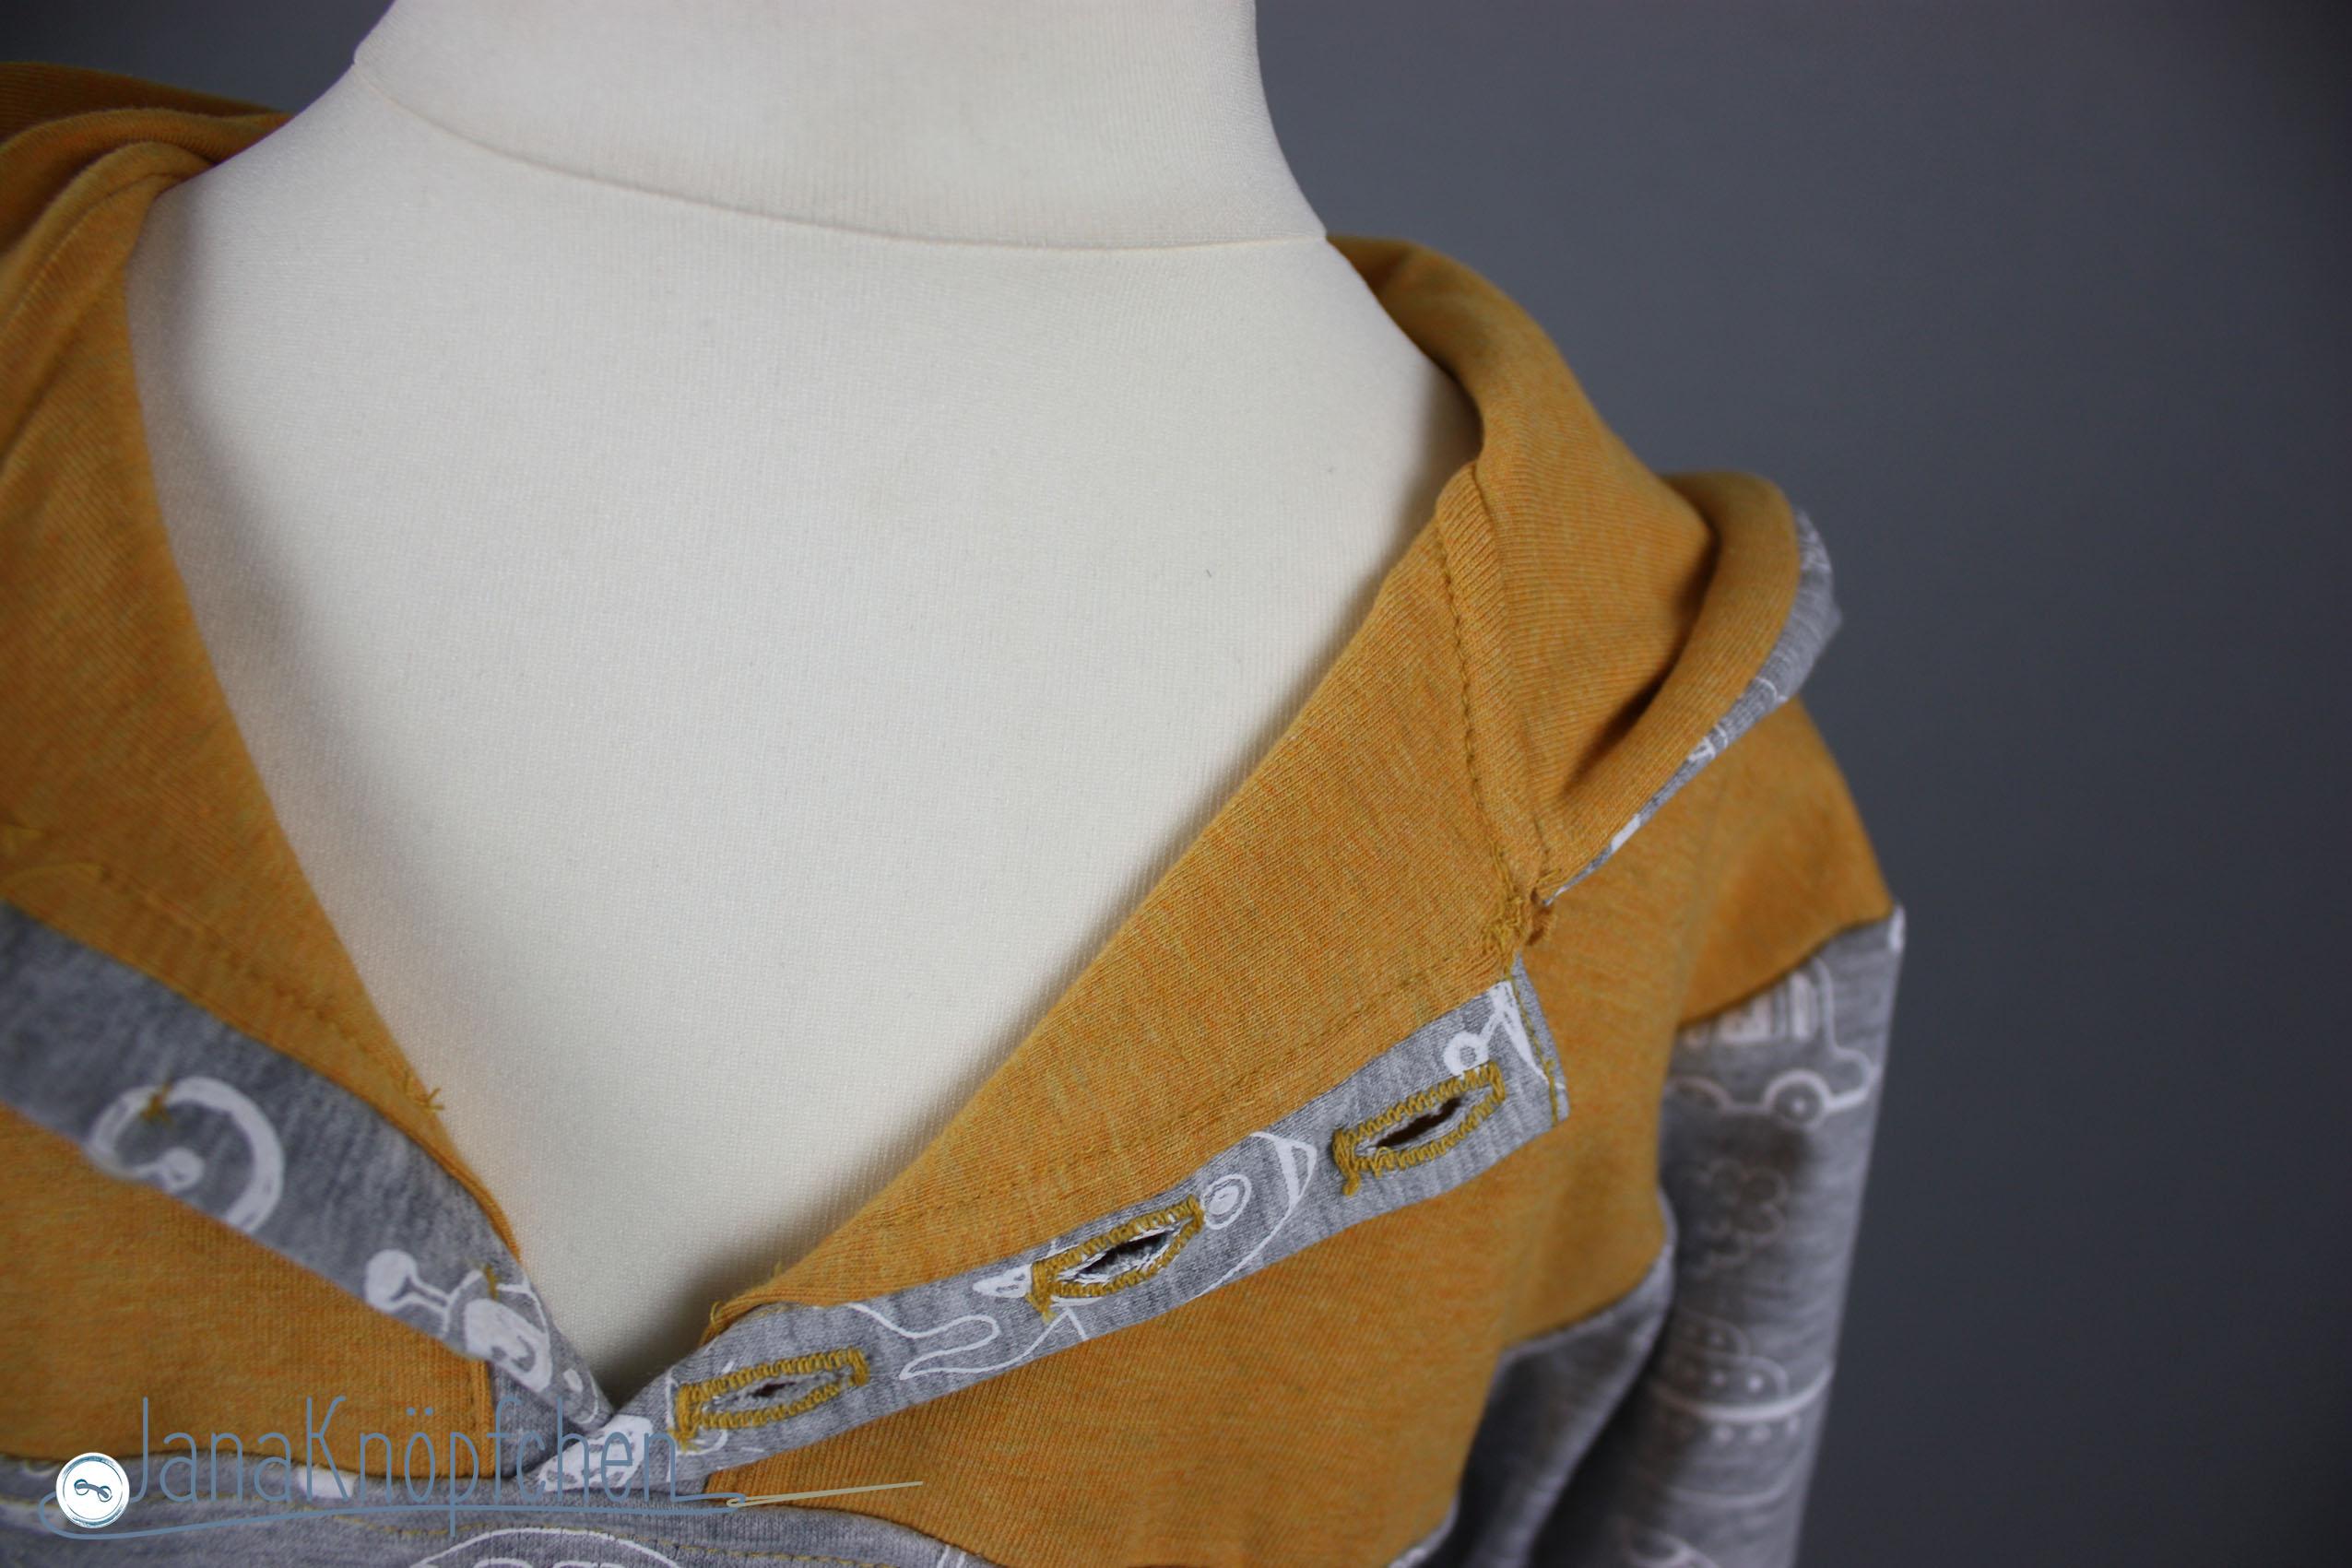 shirt mit knopfleiste naehen. janaknoepfchen. nähblog - nähen für jungs